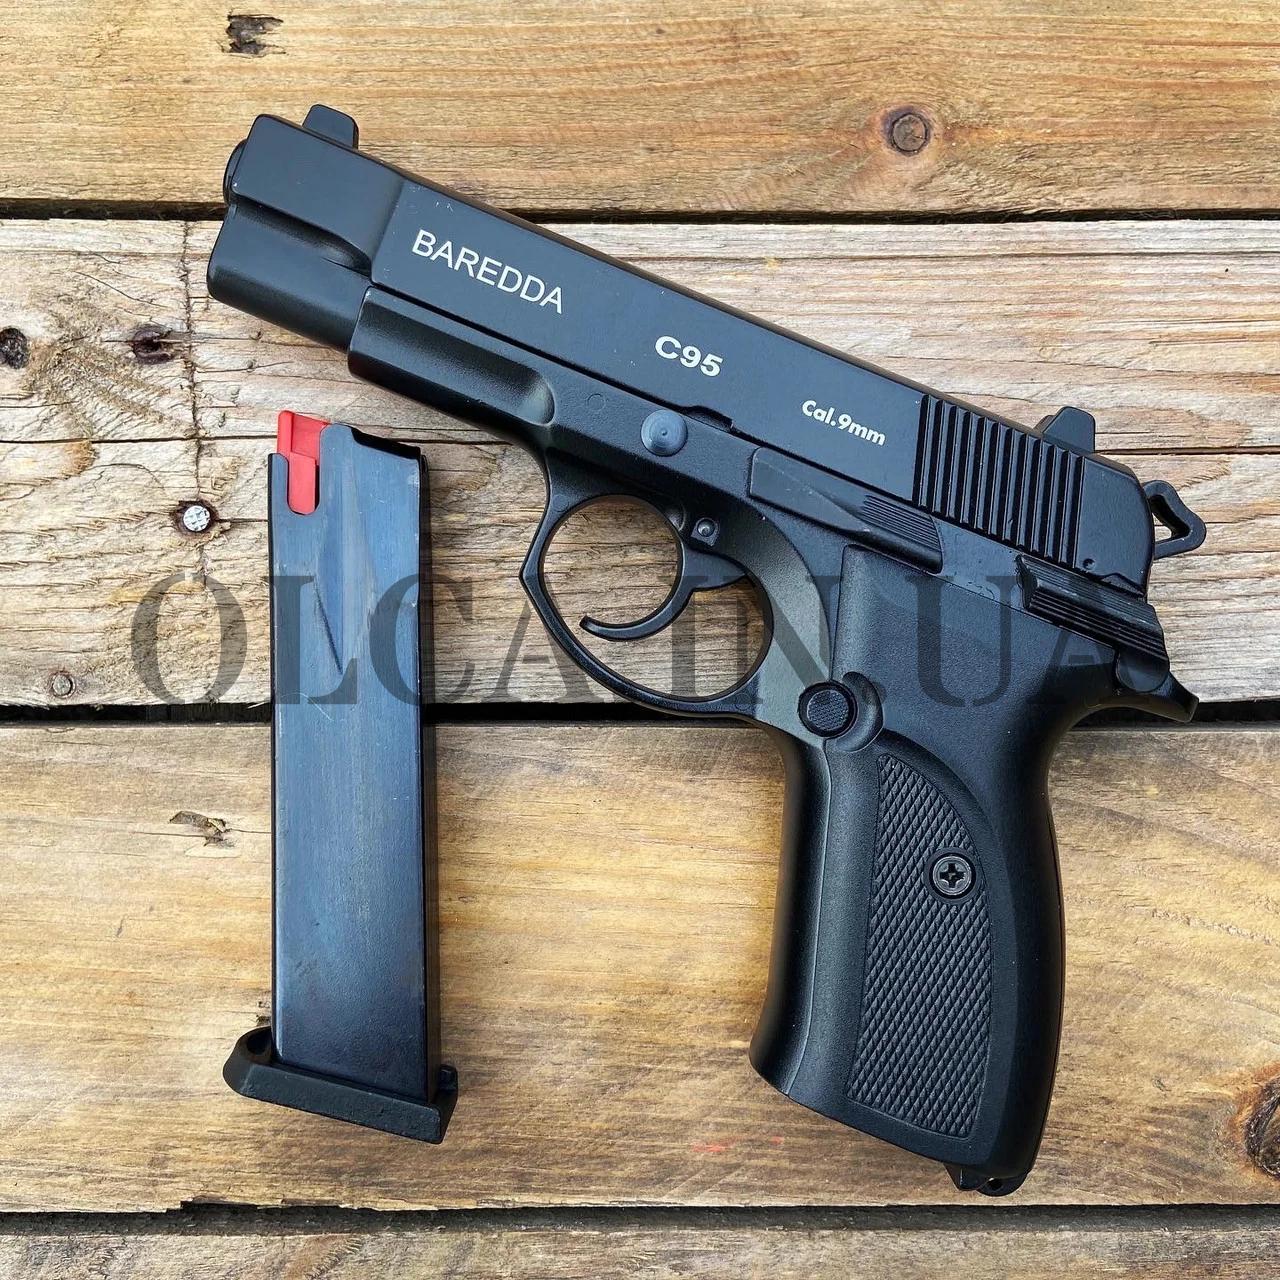 Стартовый пистолет BAREDDA C 95 + 50 патронов Ozkursan кал. 9 мм